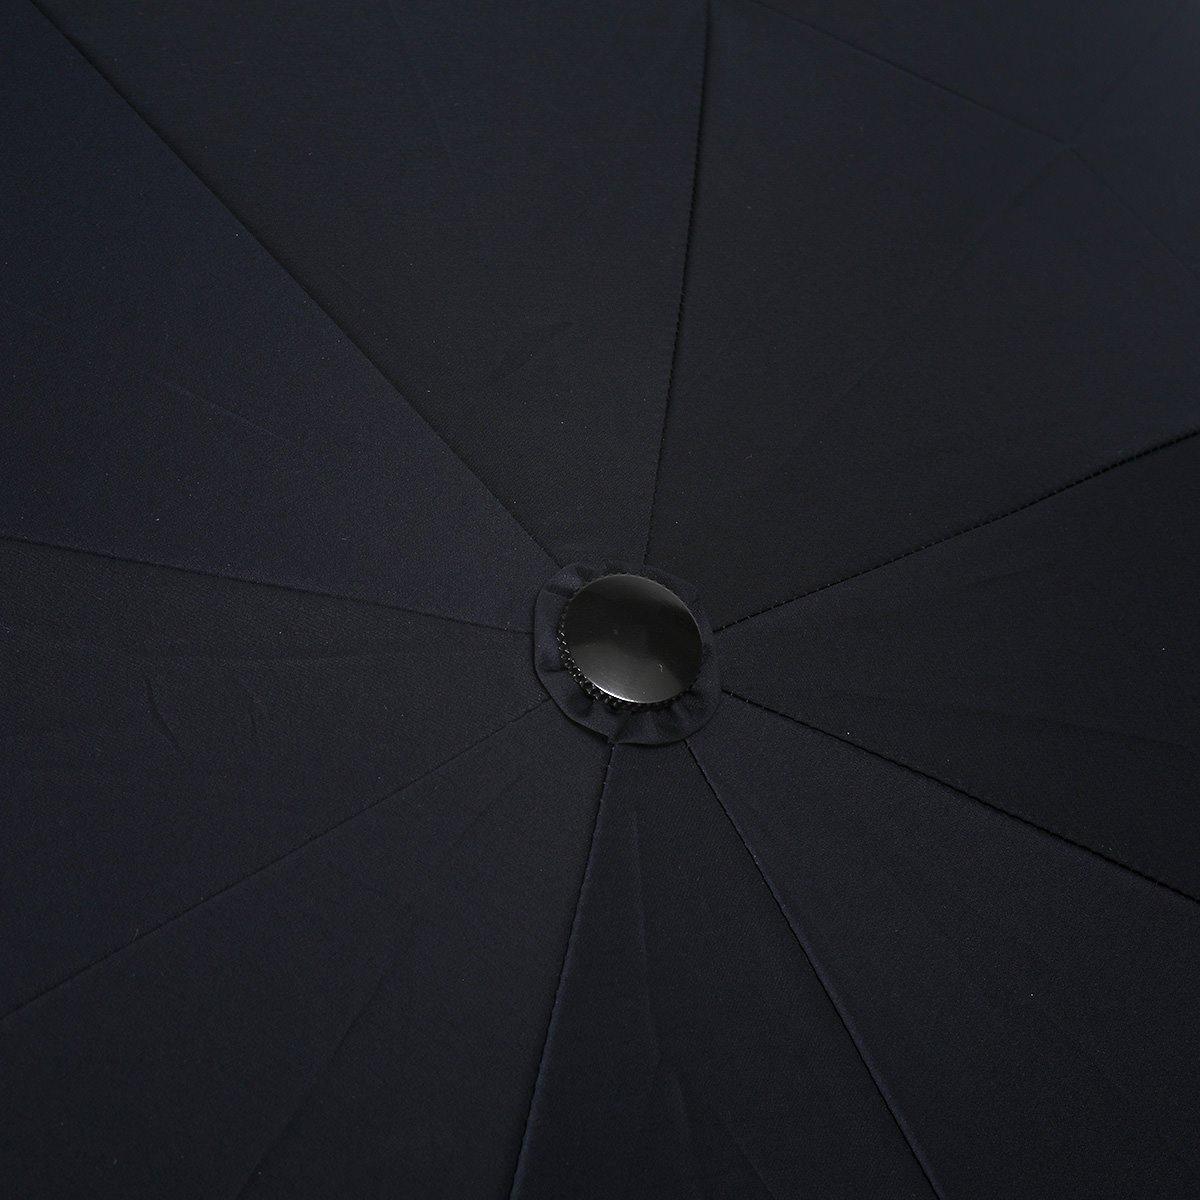 【公式限定】強力撥水 レインドロップ レクタス 耐風骨 折りたたみ傘 詳細画像8